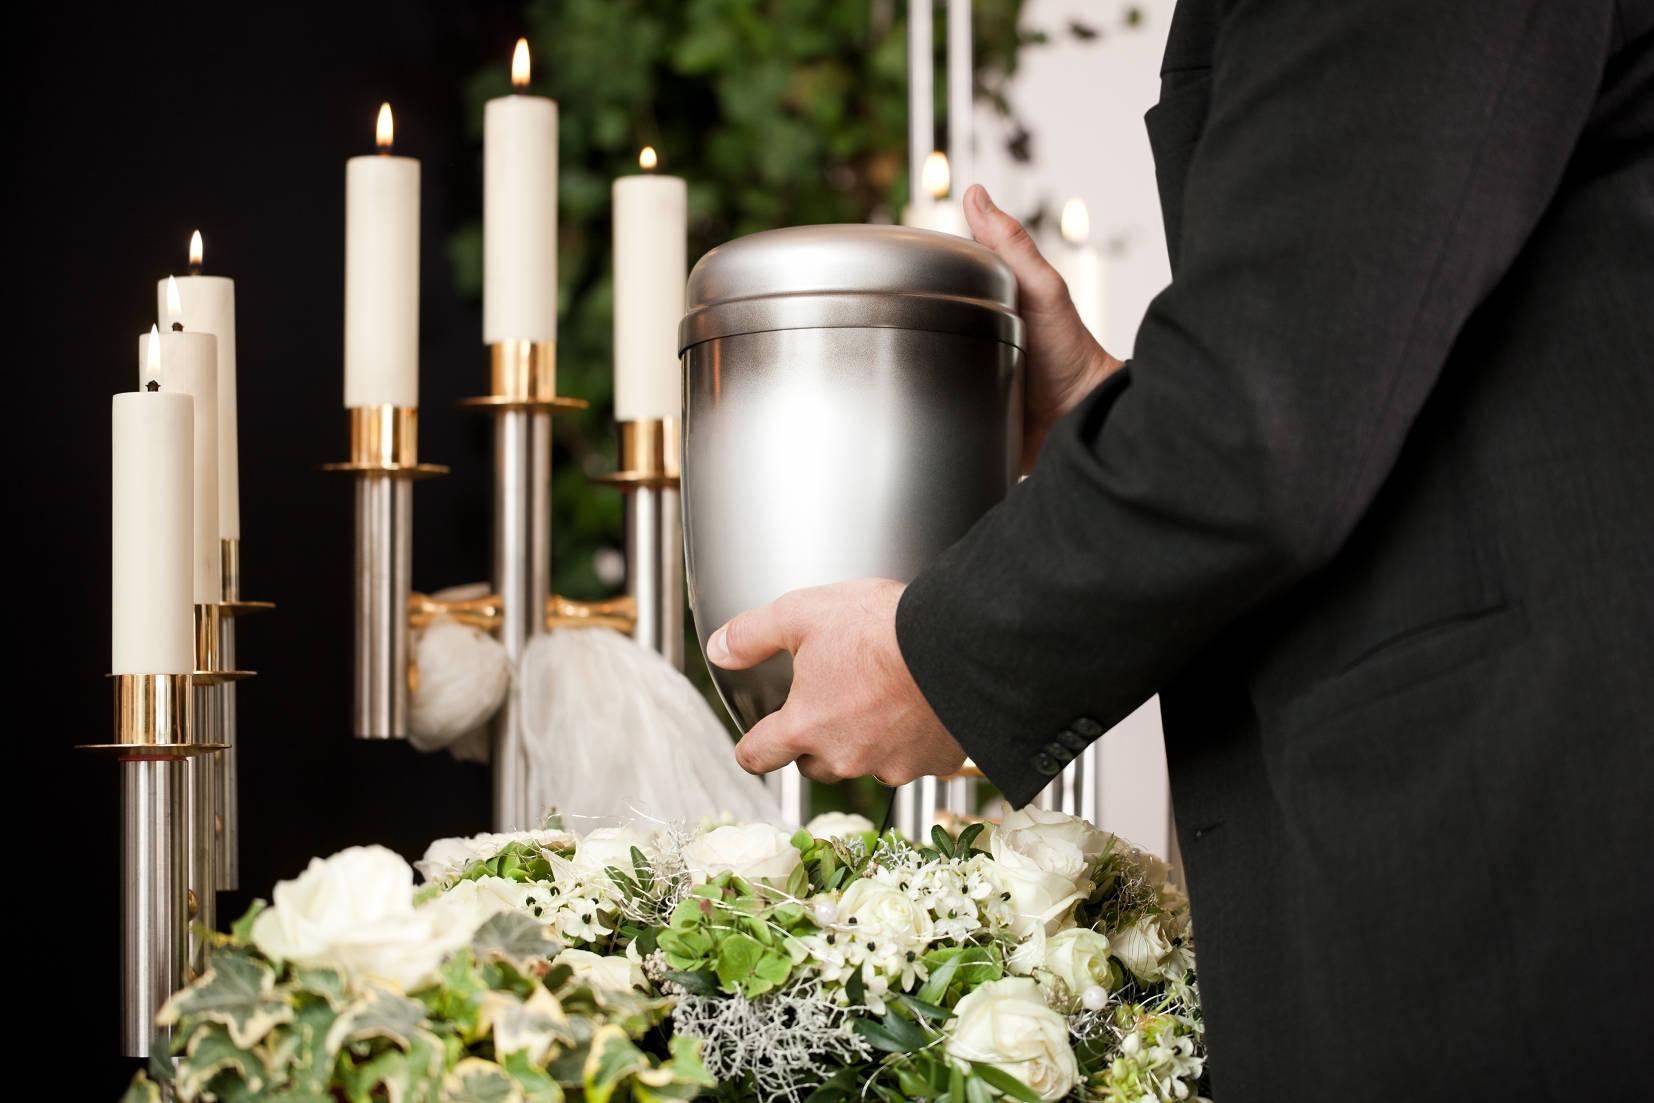 похороны минск